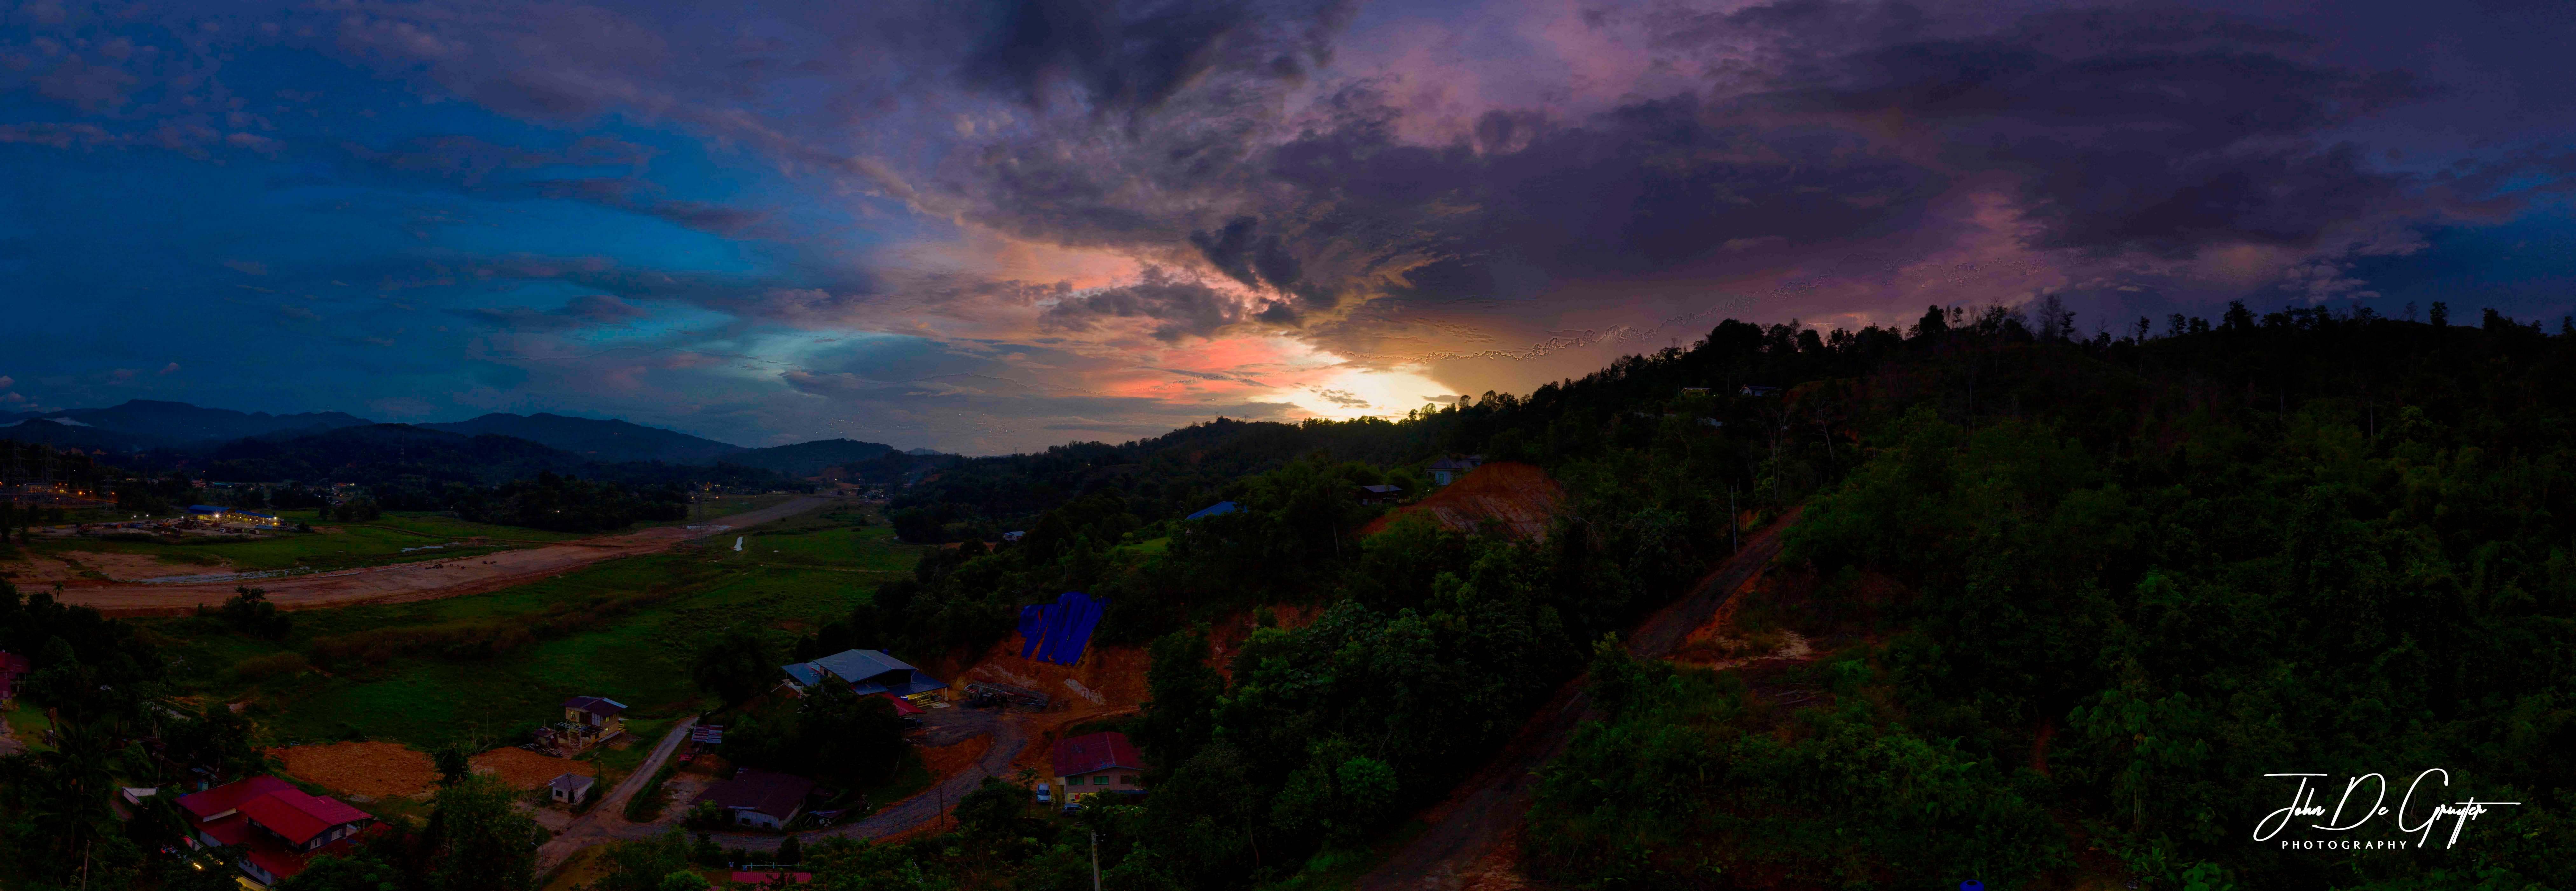 Kolopis, Malaysia, sunset